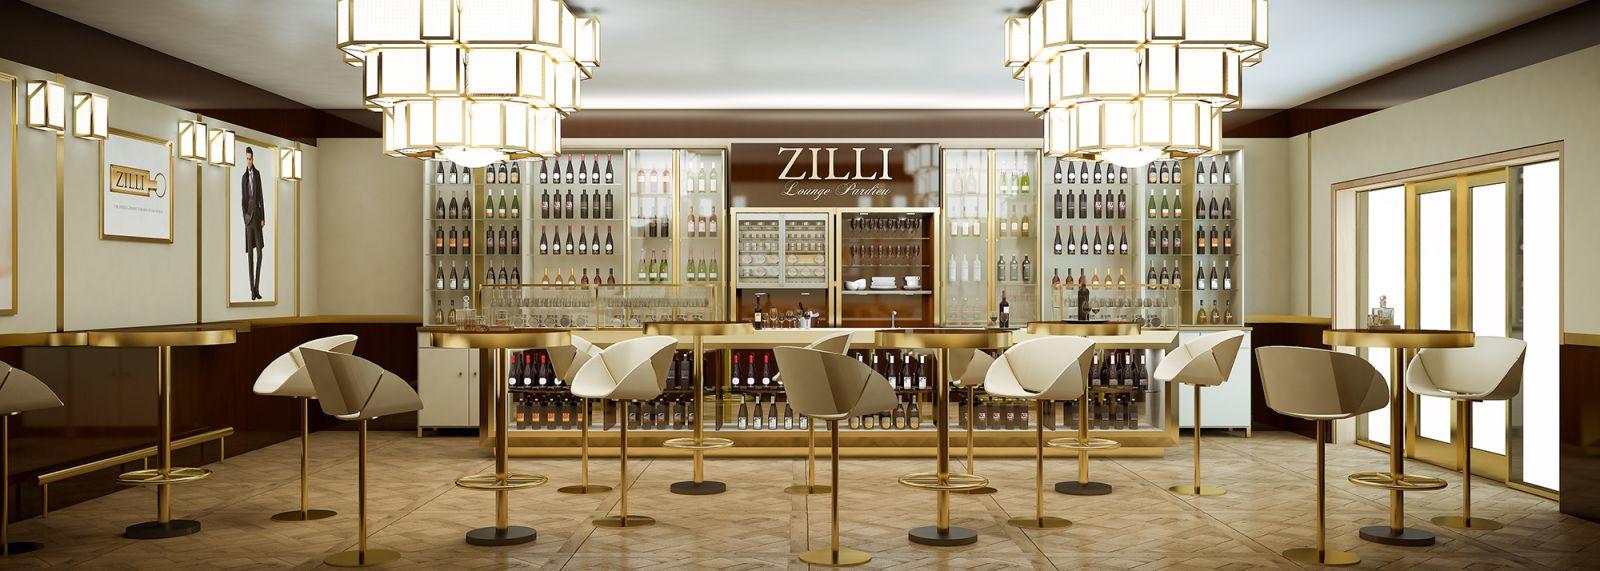 Zilli Bar Concept 736